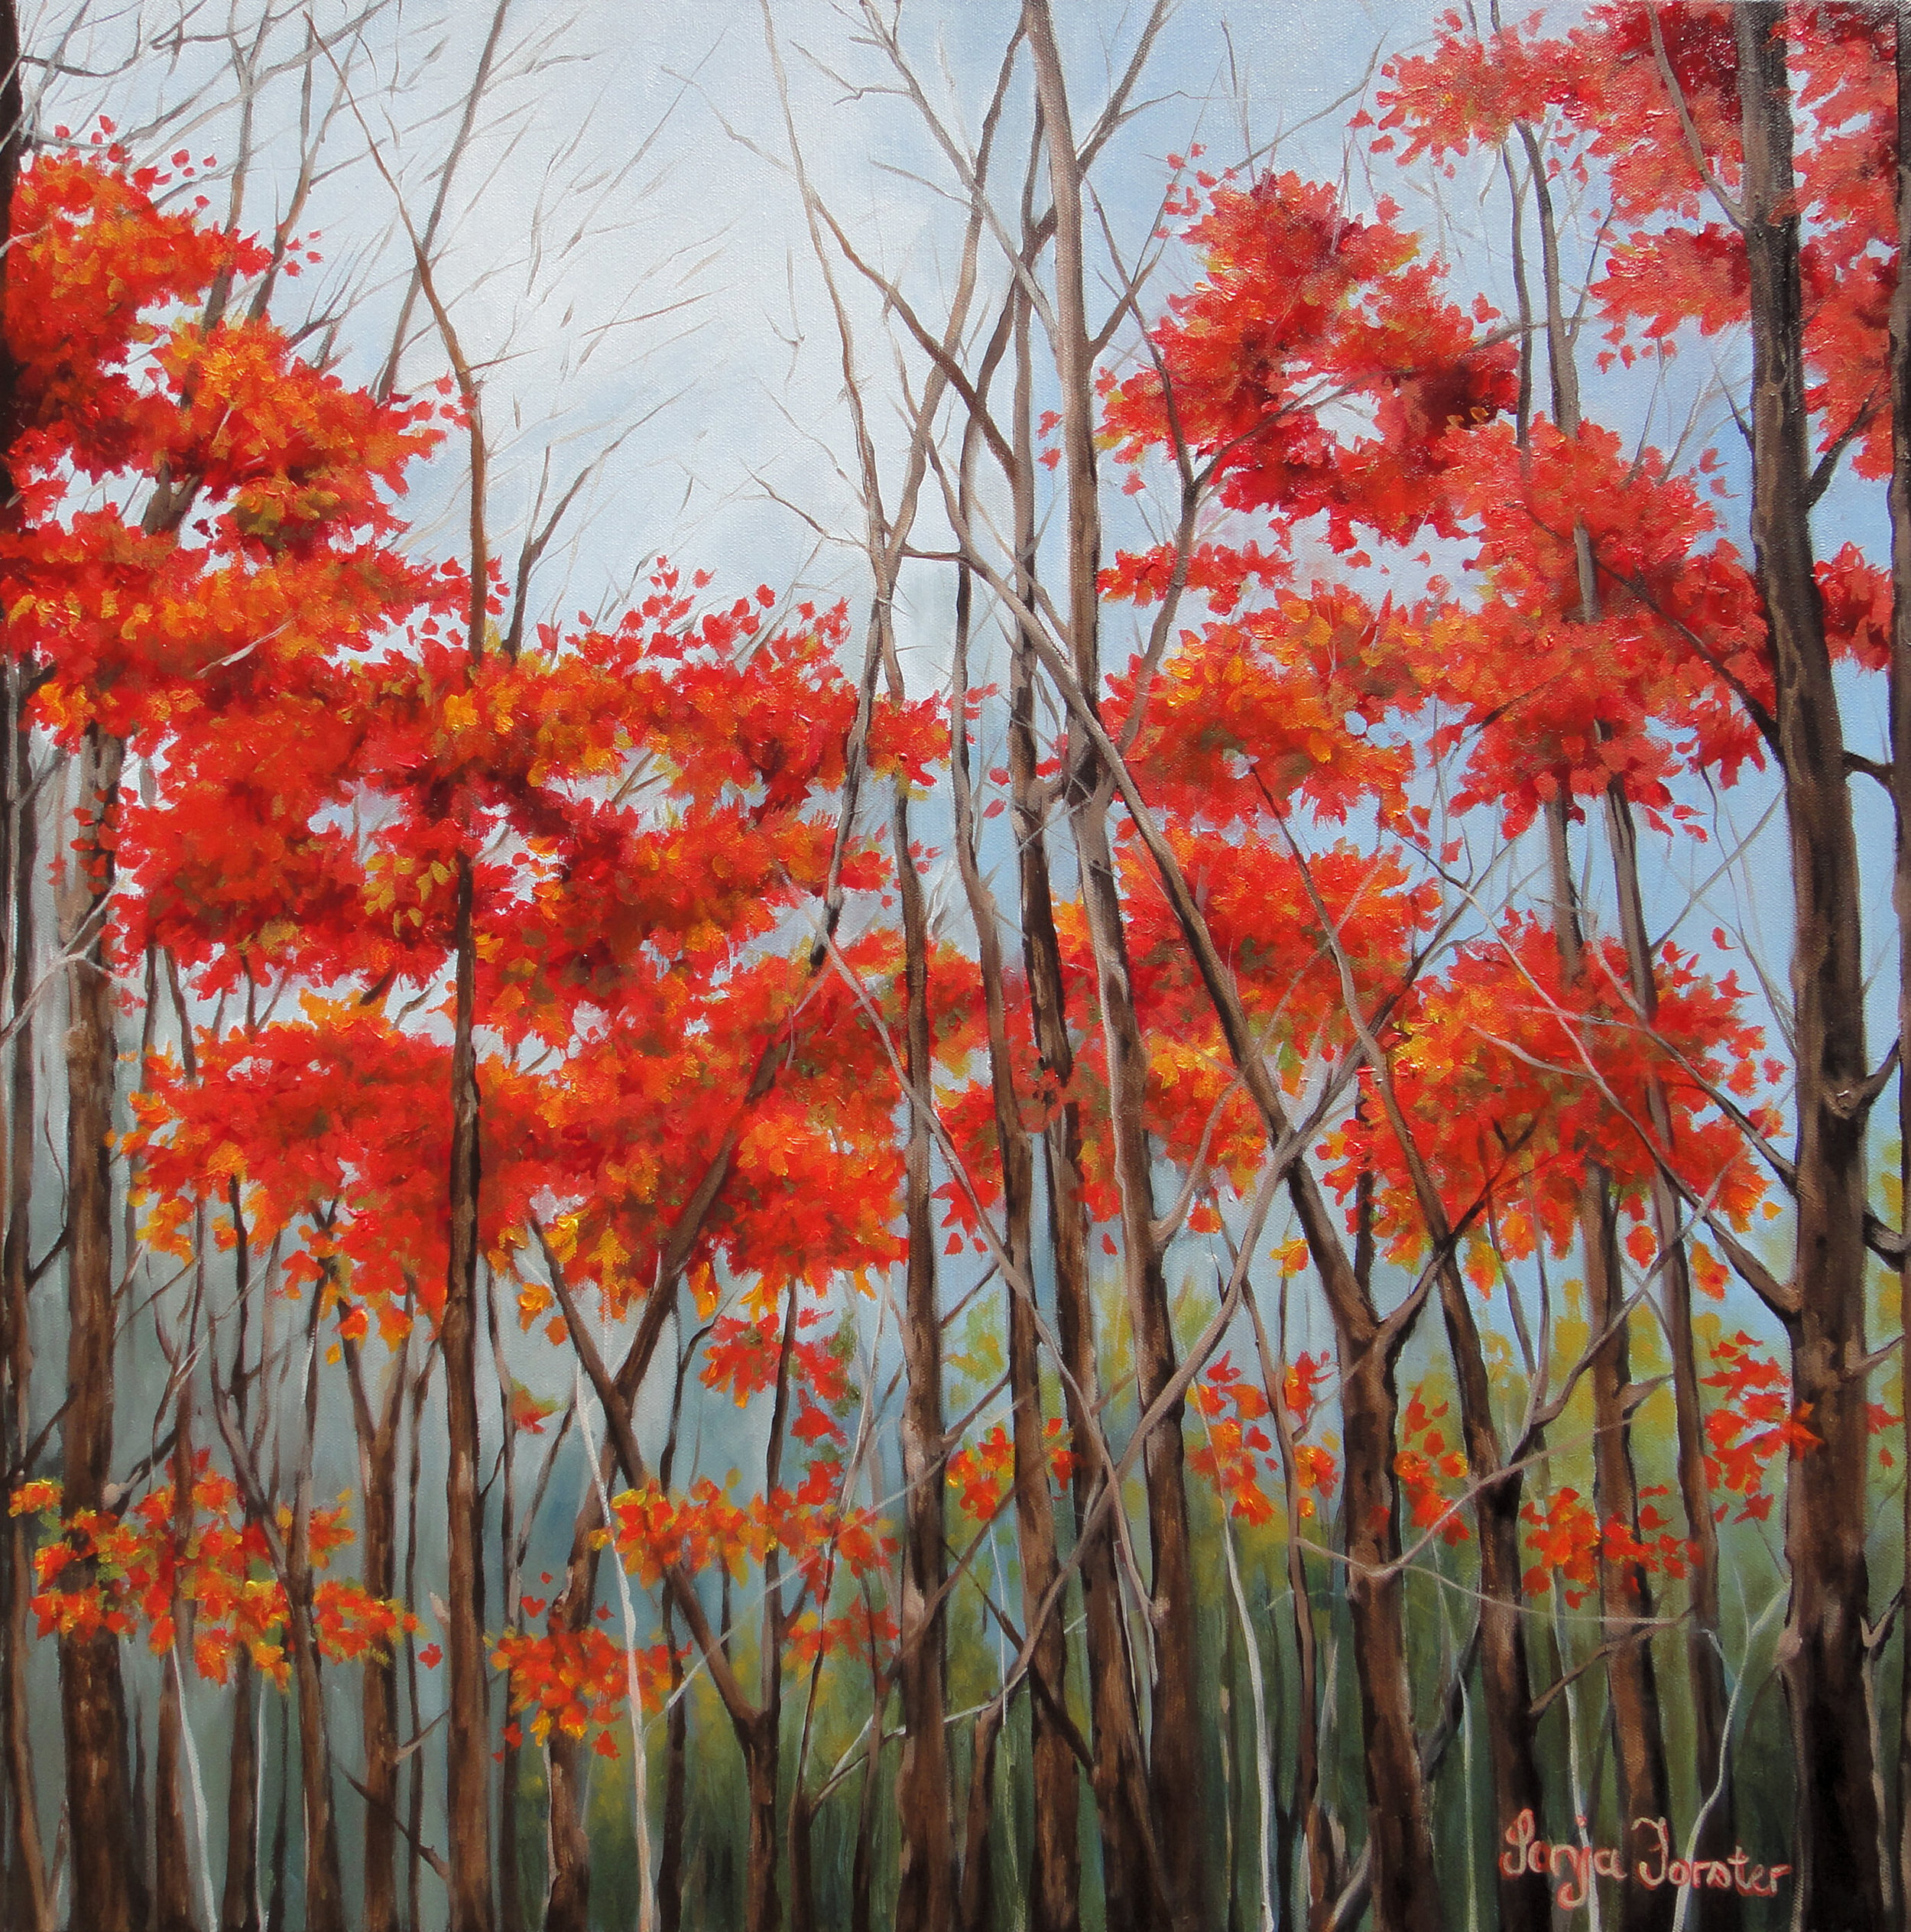 Sonja Forster Art - Red Forrest.jpg